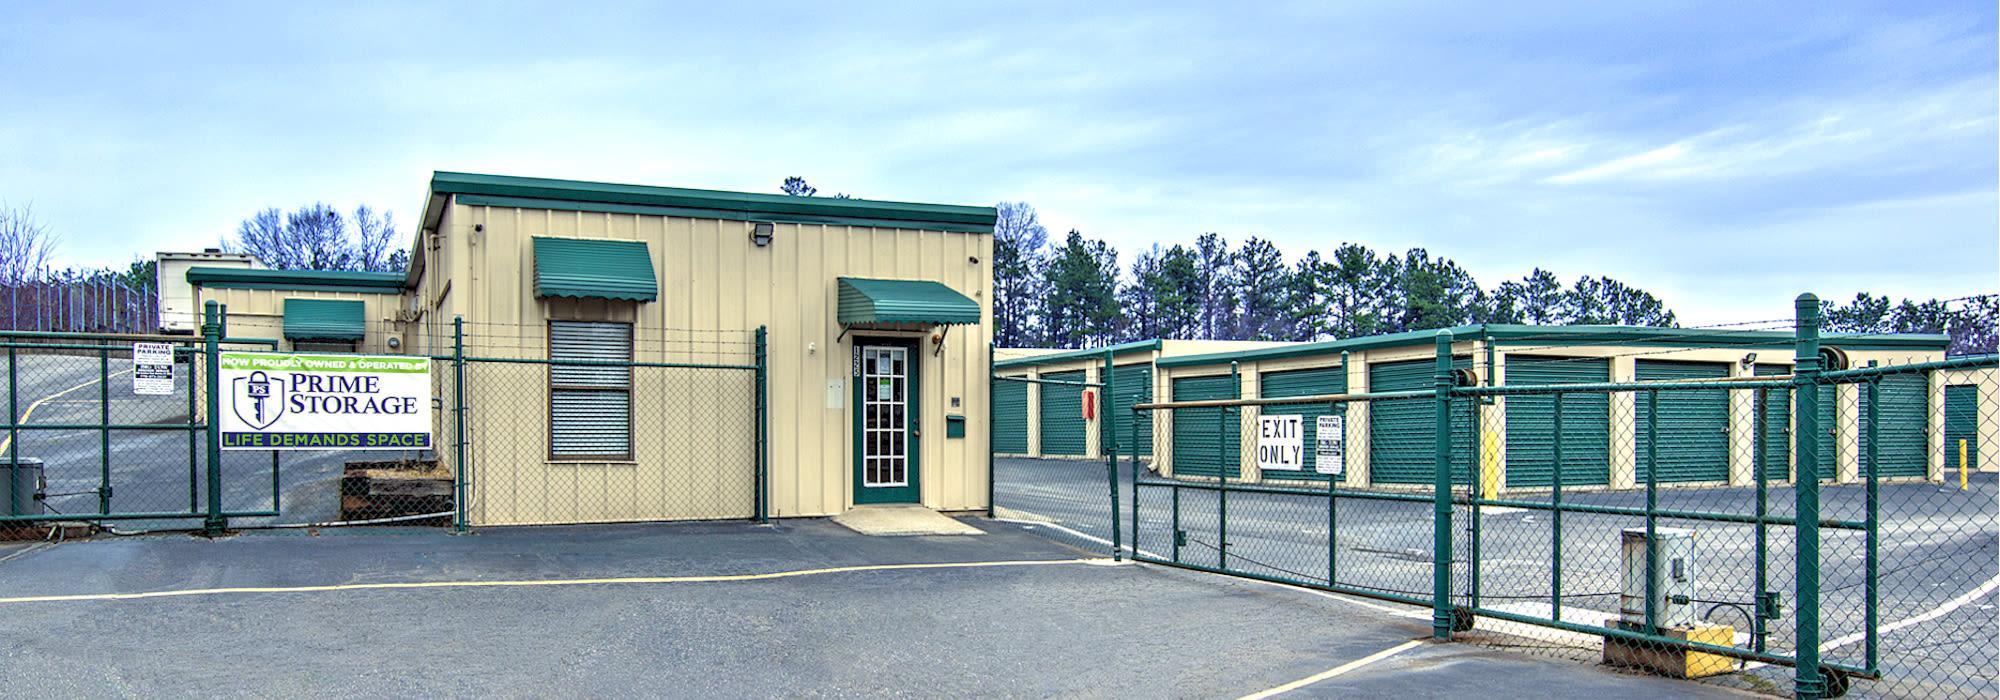 Merveilleux Prime Storage In Marietta, GA